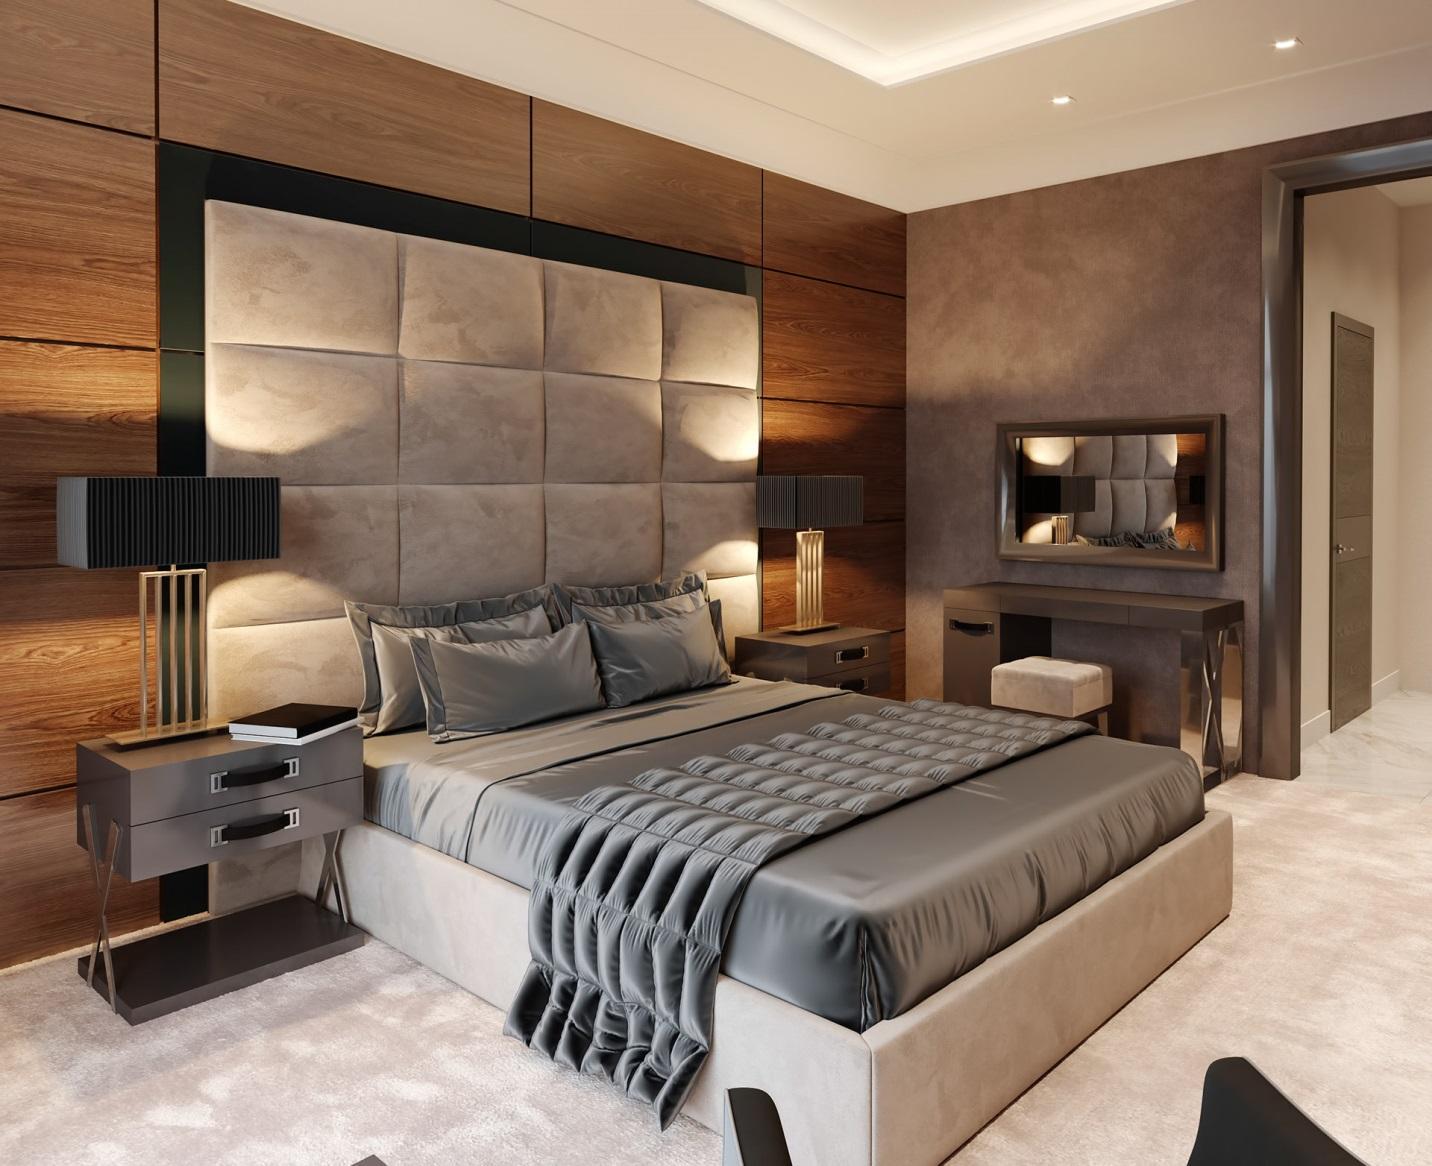 Phòng ngủ phong cách tân cổ điển hiện đại